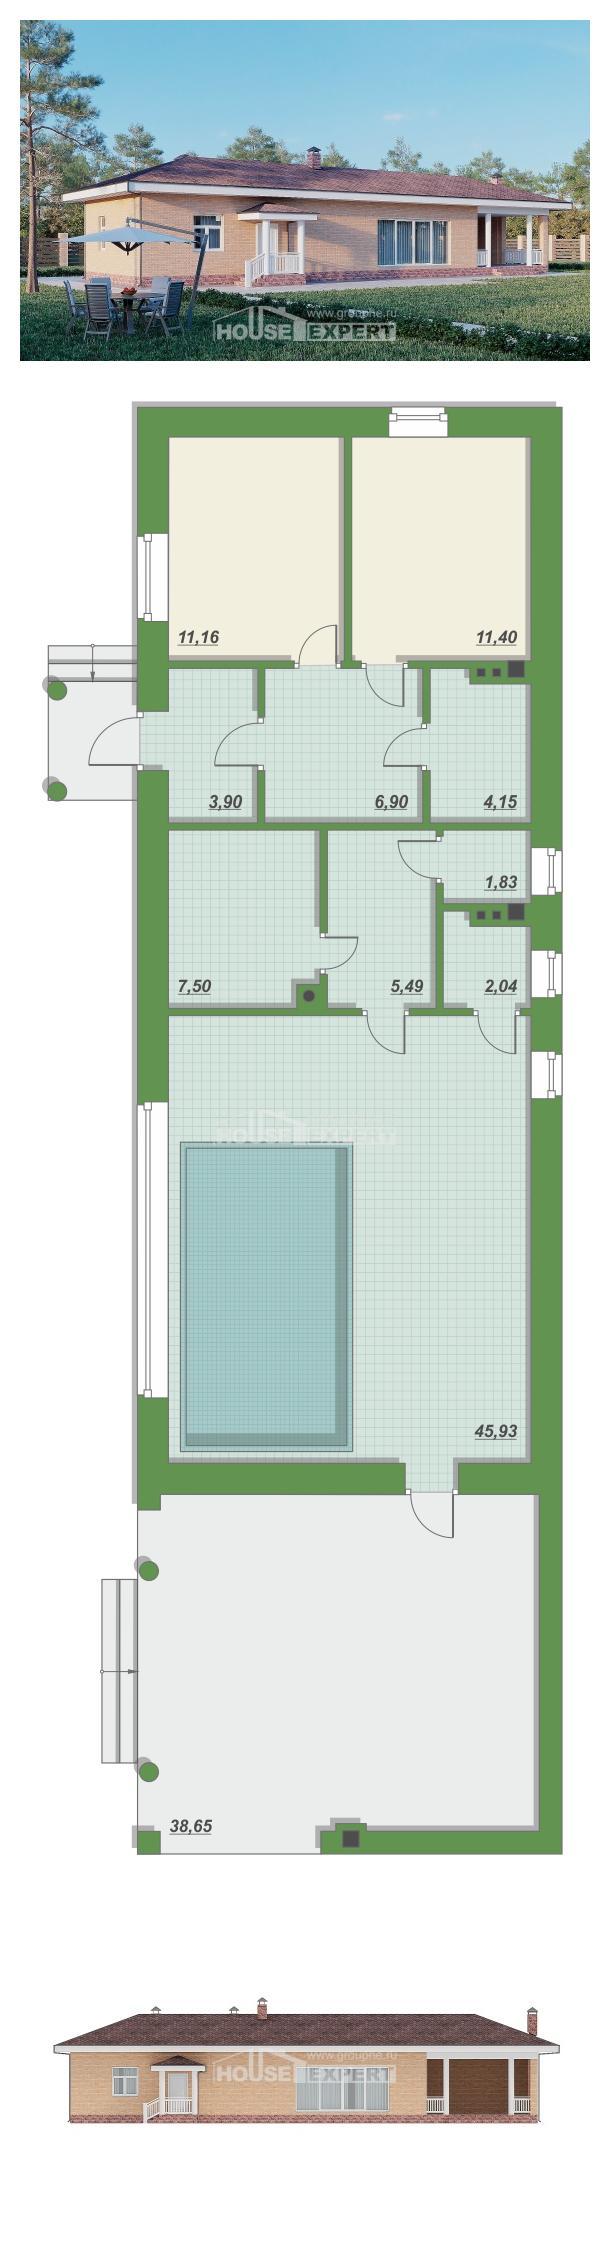 Plan 110-006-R   House Expert